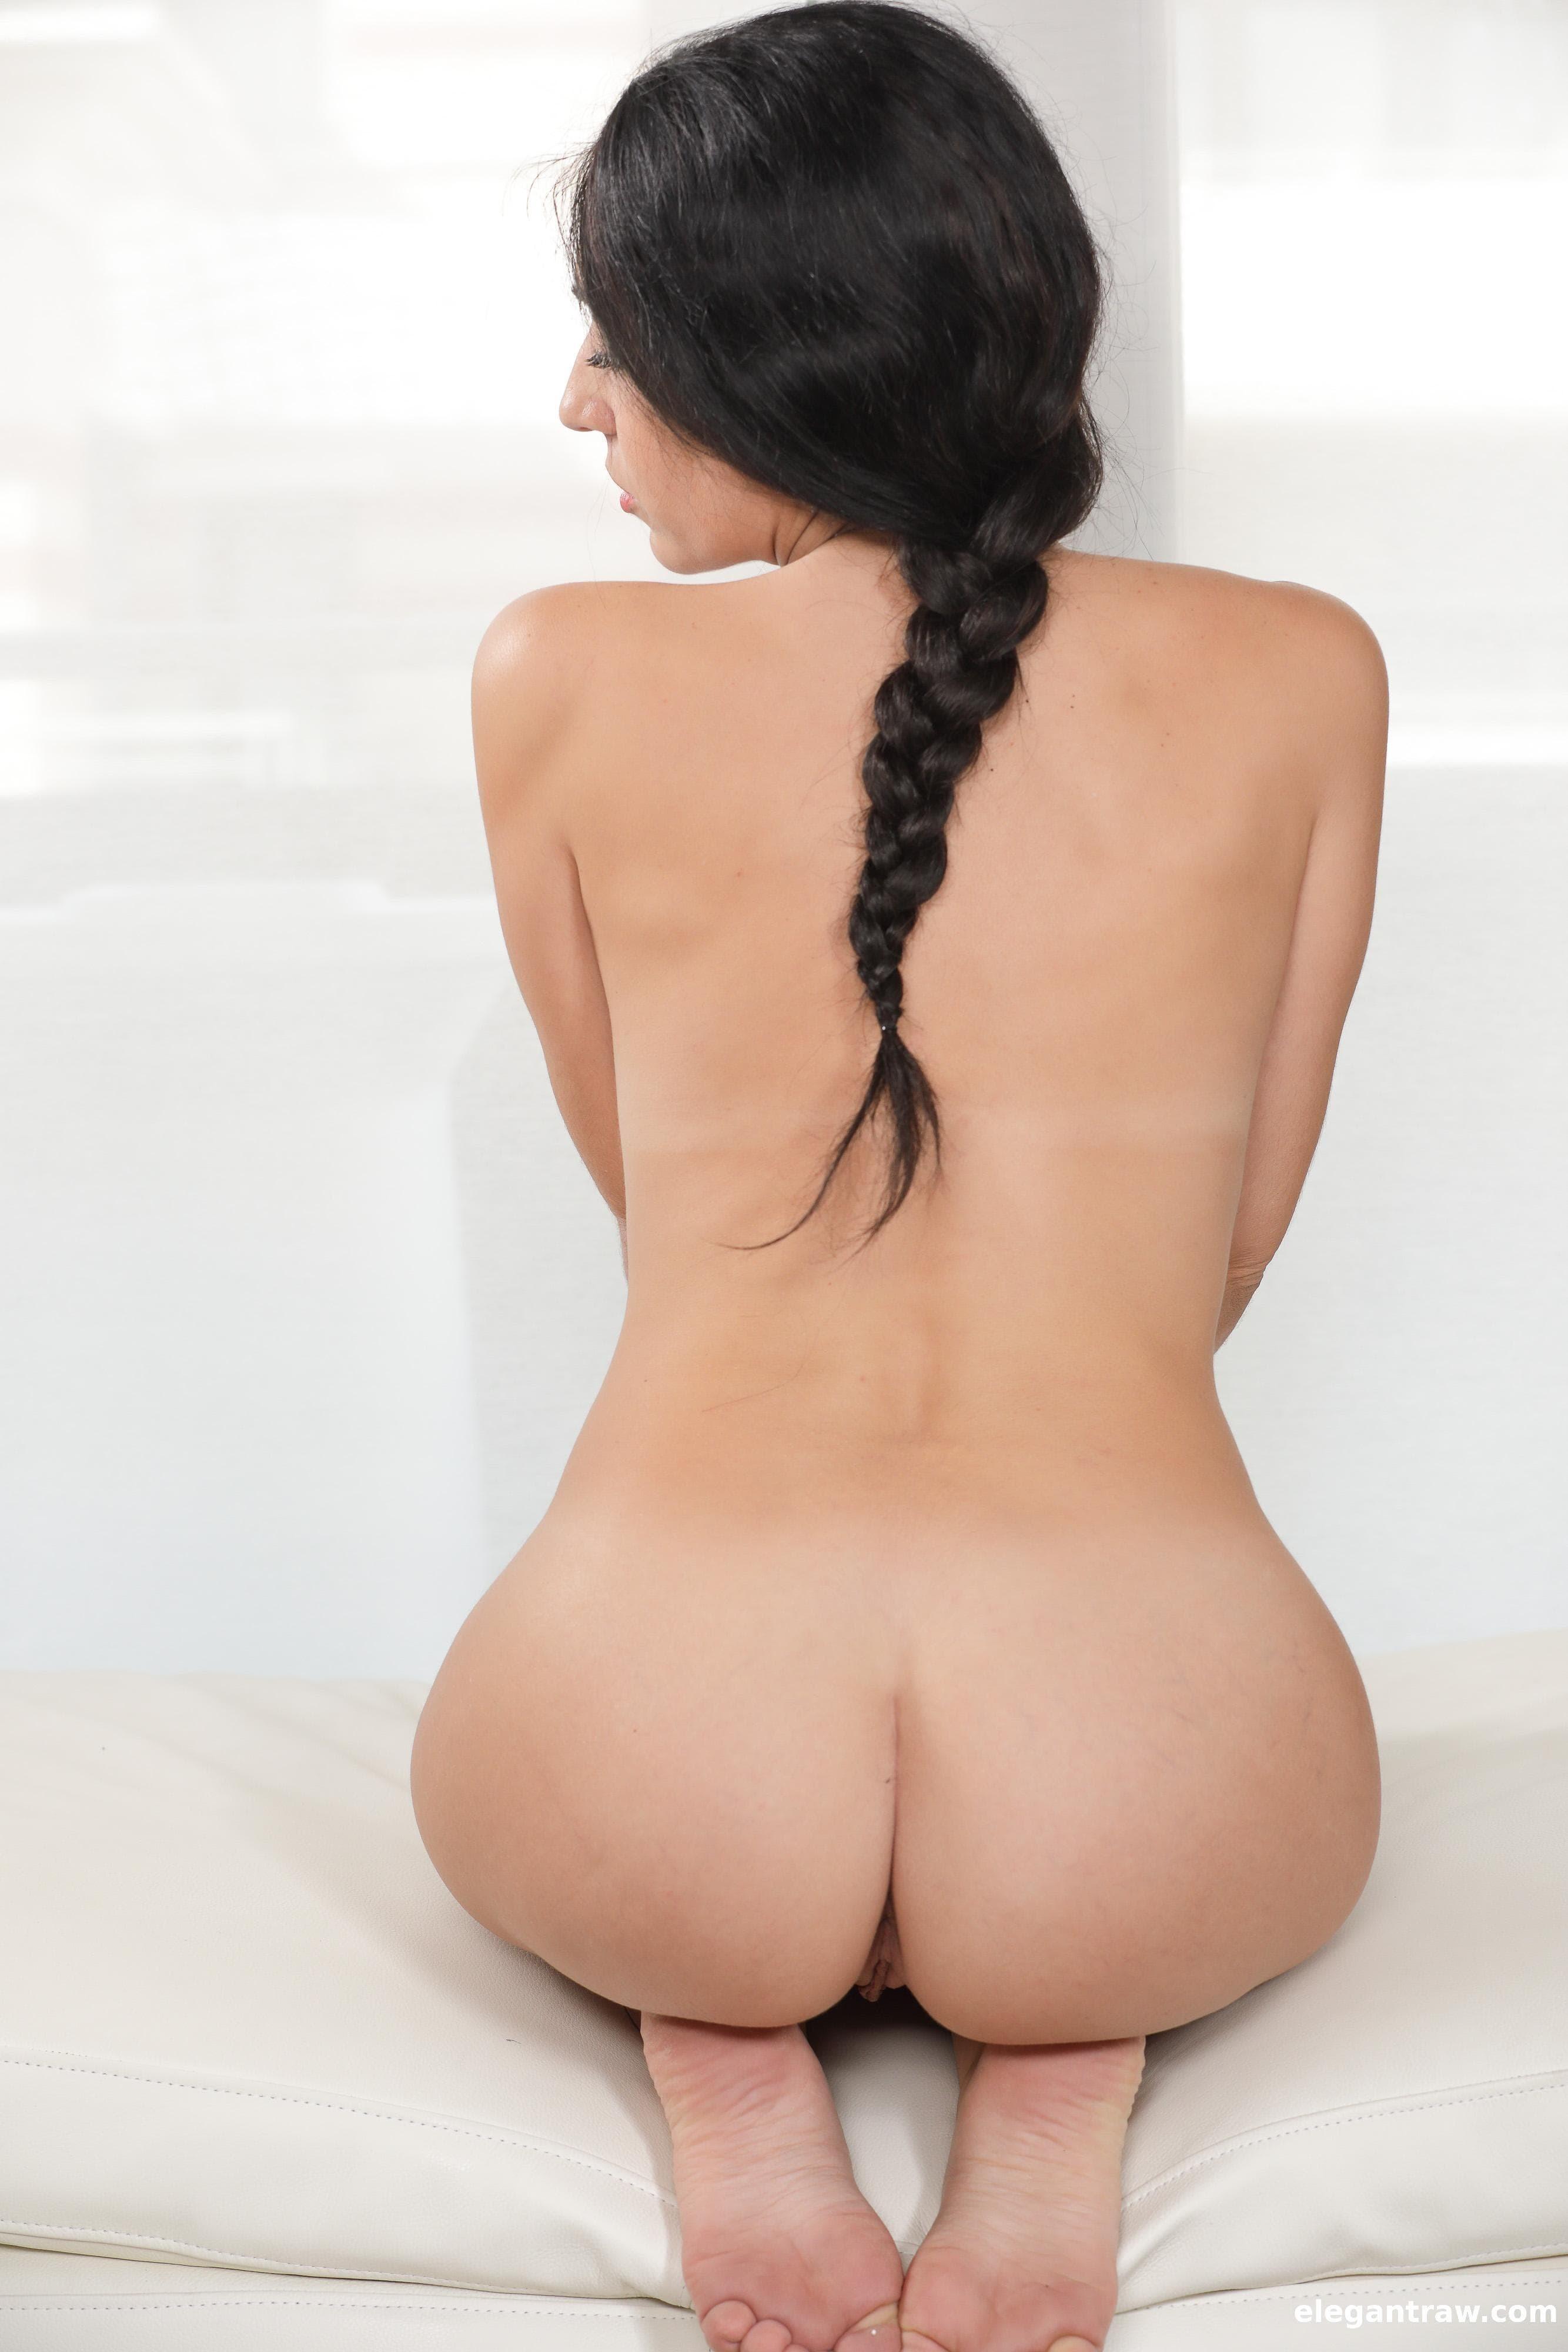 Брюнетка в возрасте с голой жопой - фото